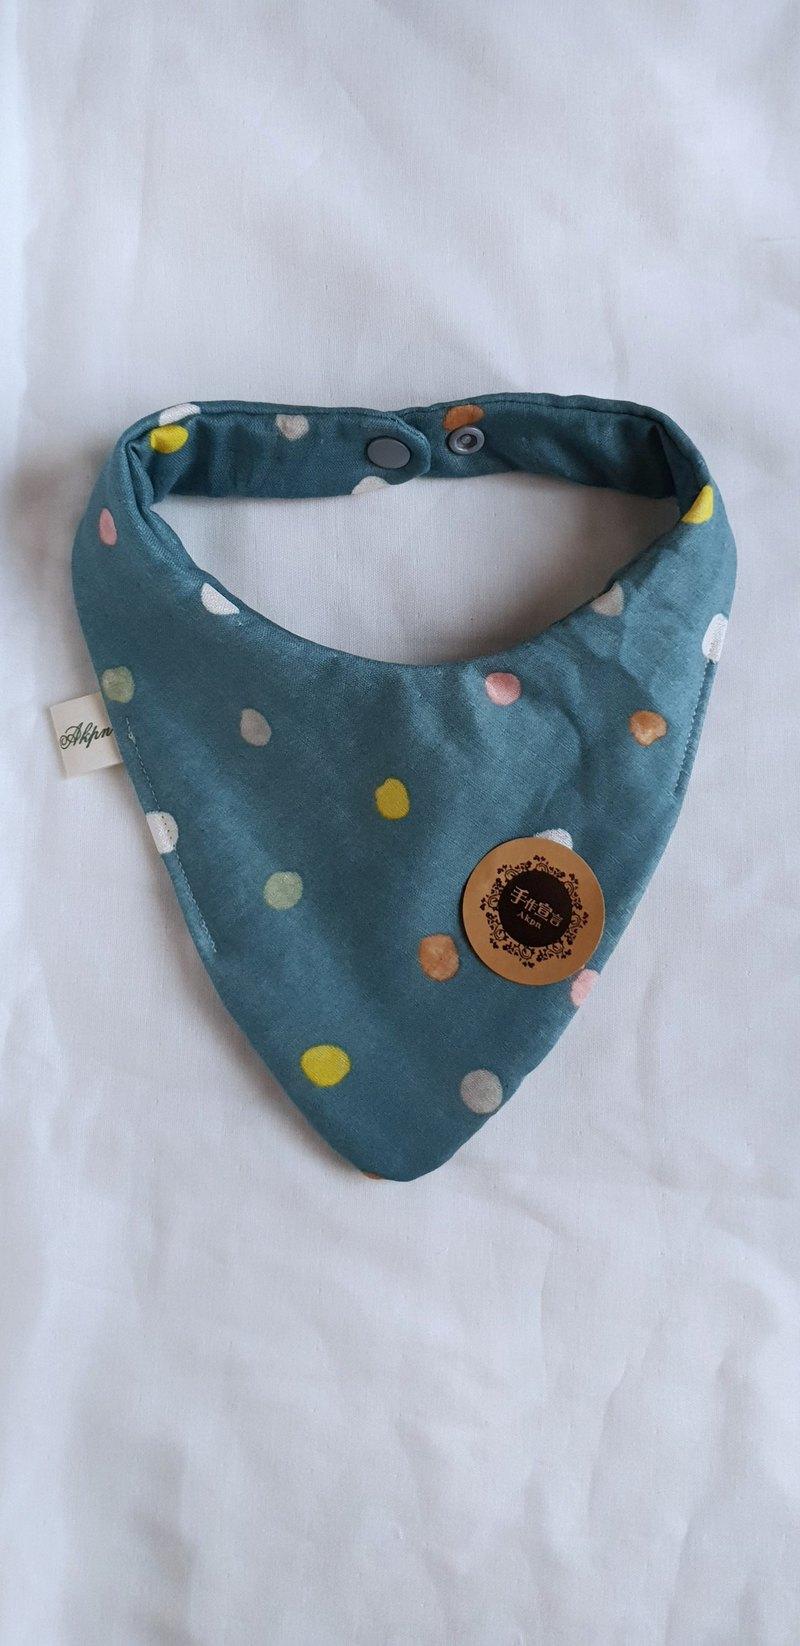 彩水玉點點-礦藍色-八層紗純棉角型口水巾圍兜